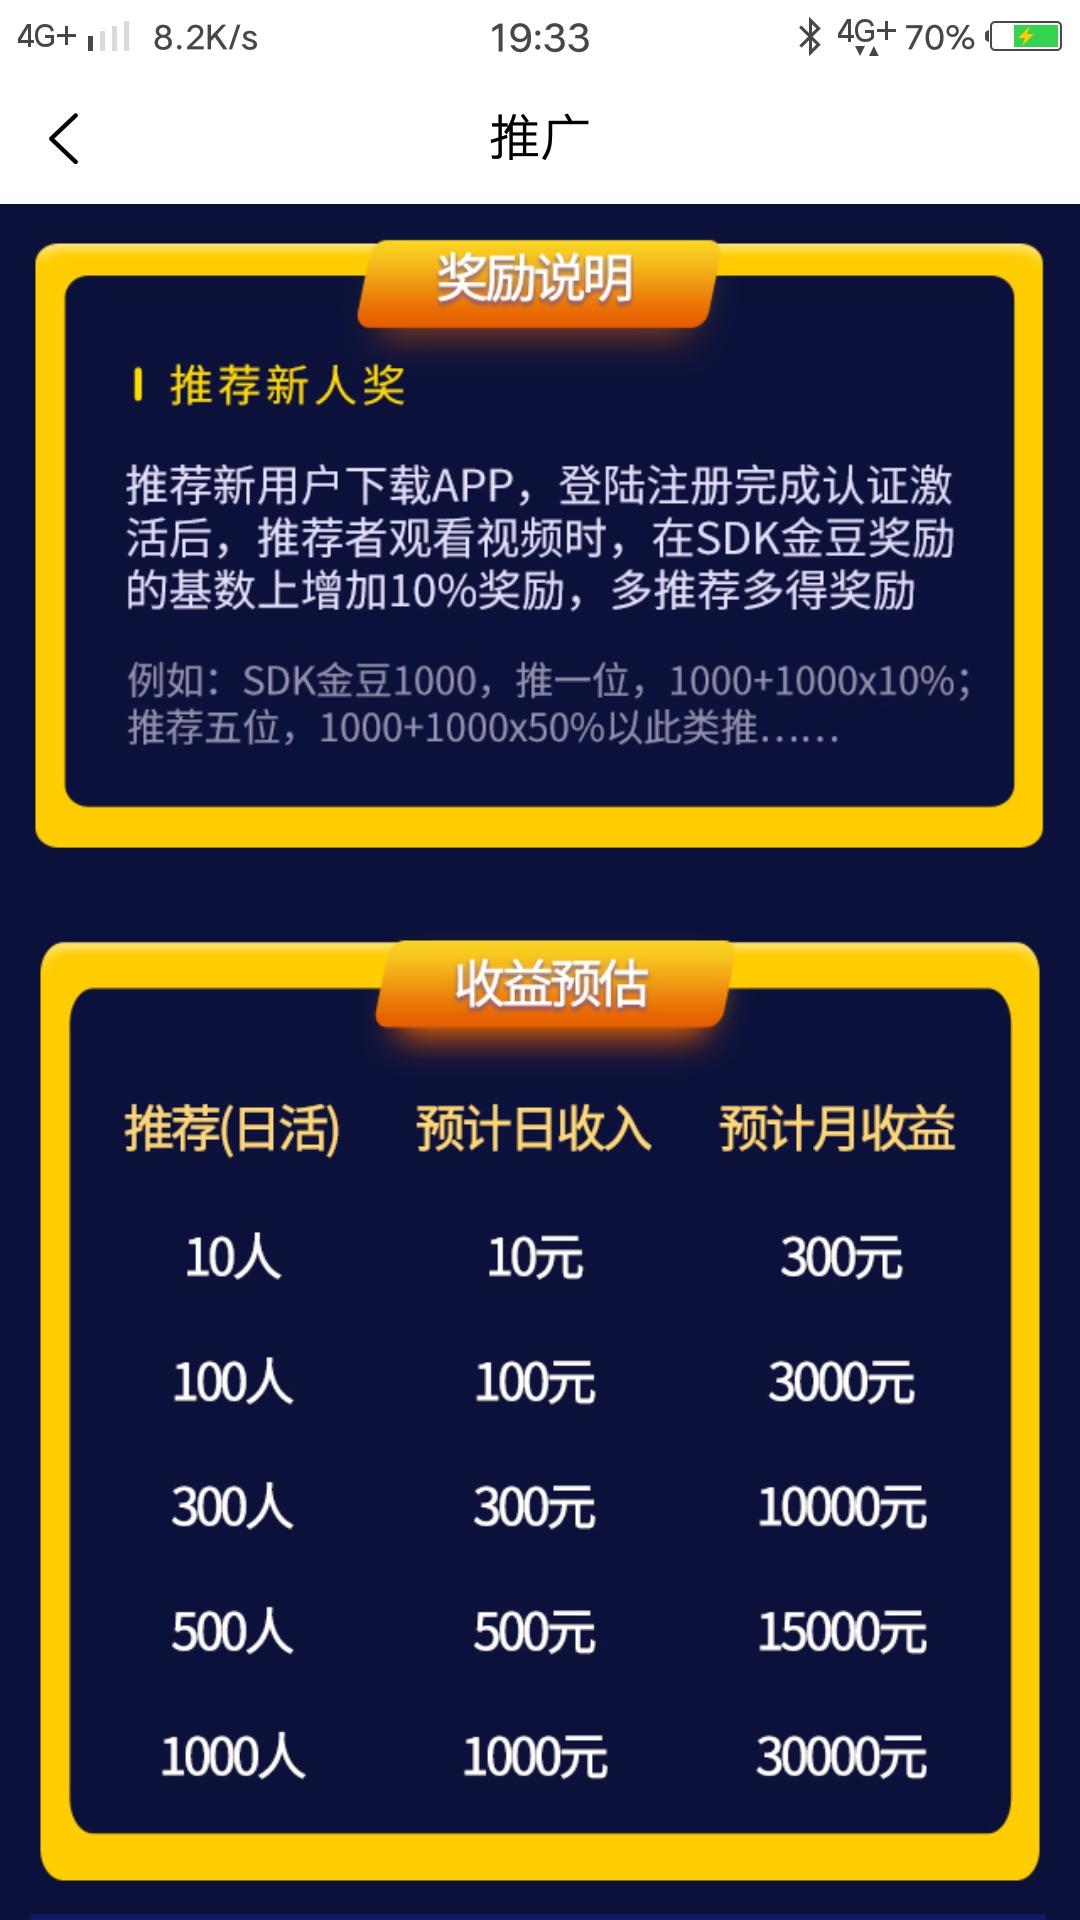 图片[3]-转转荟首码,全自动挂机赚钱,一天10元左右-首码社